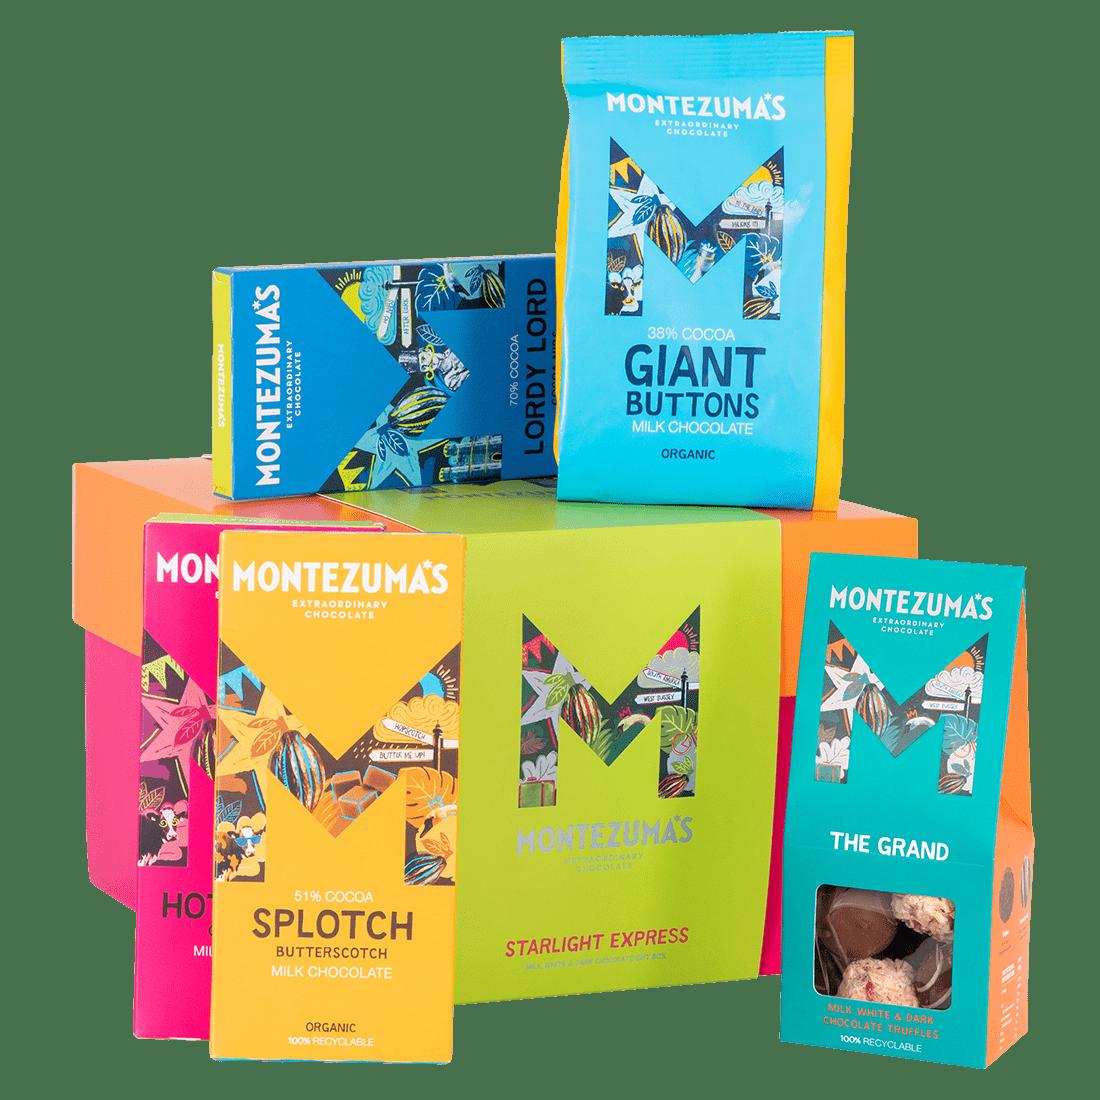 Starlight Express Chocolate Gift Box: Choc Bars & Truffles